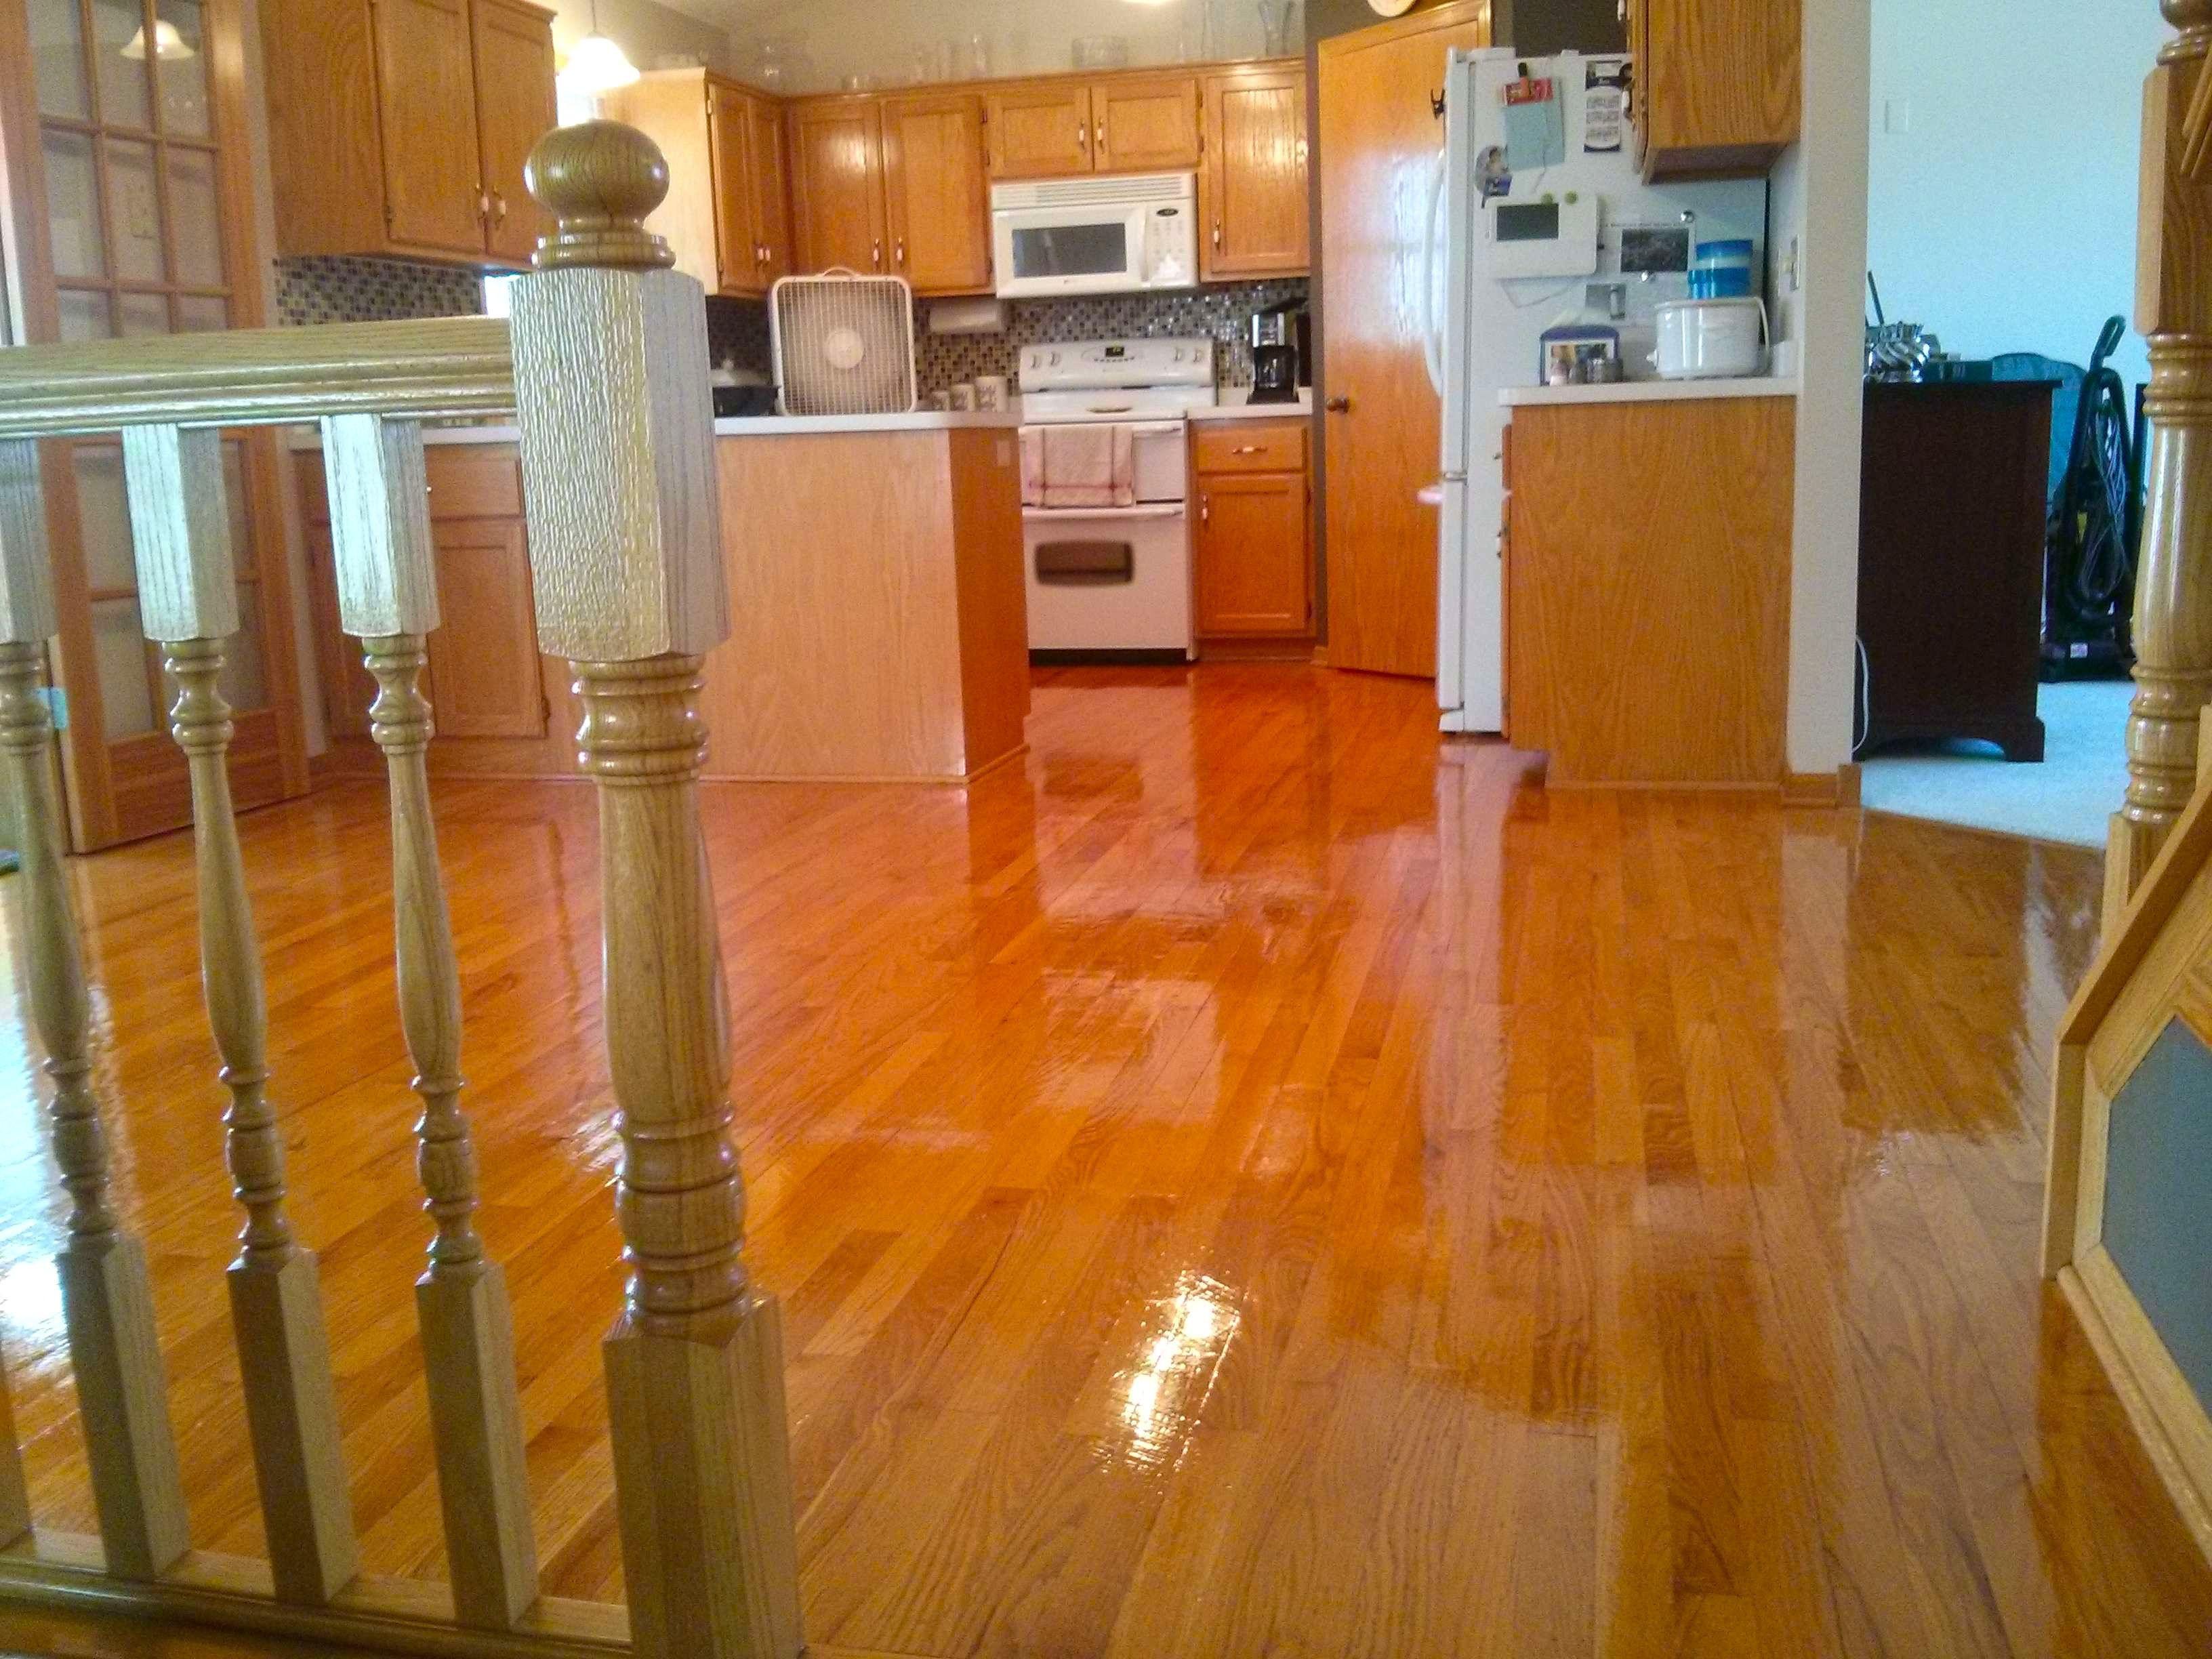 carpet and hardwood floor cleaning service of hardwood flooring service floor plan ideas pertaining to hardwood flooring service residential wood floor re coat